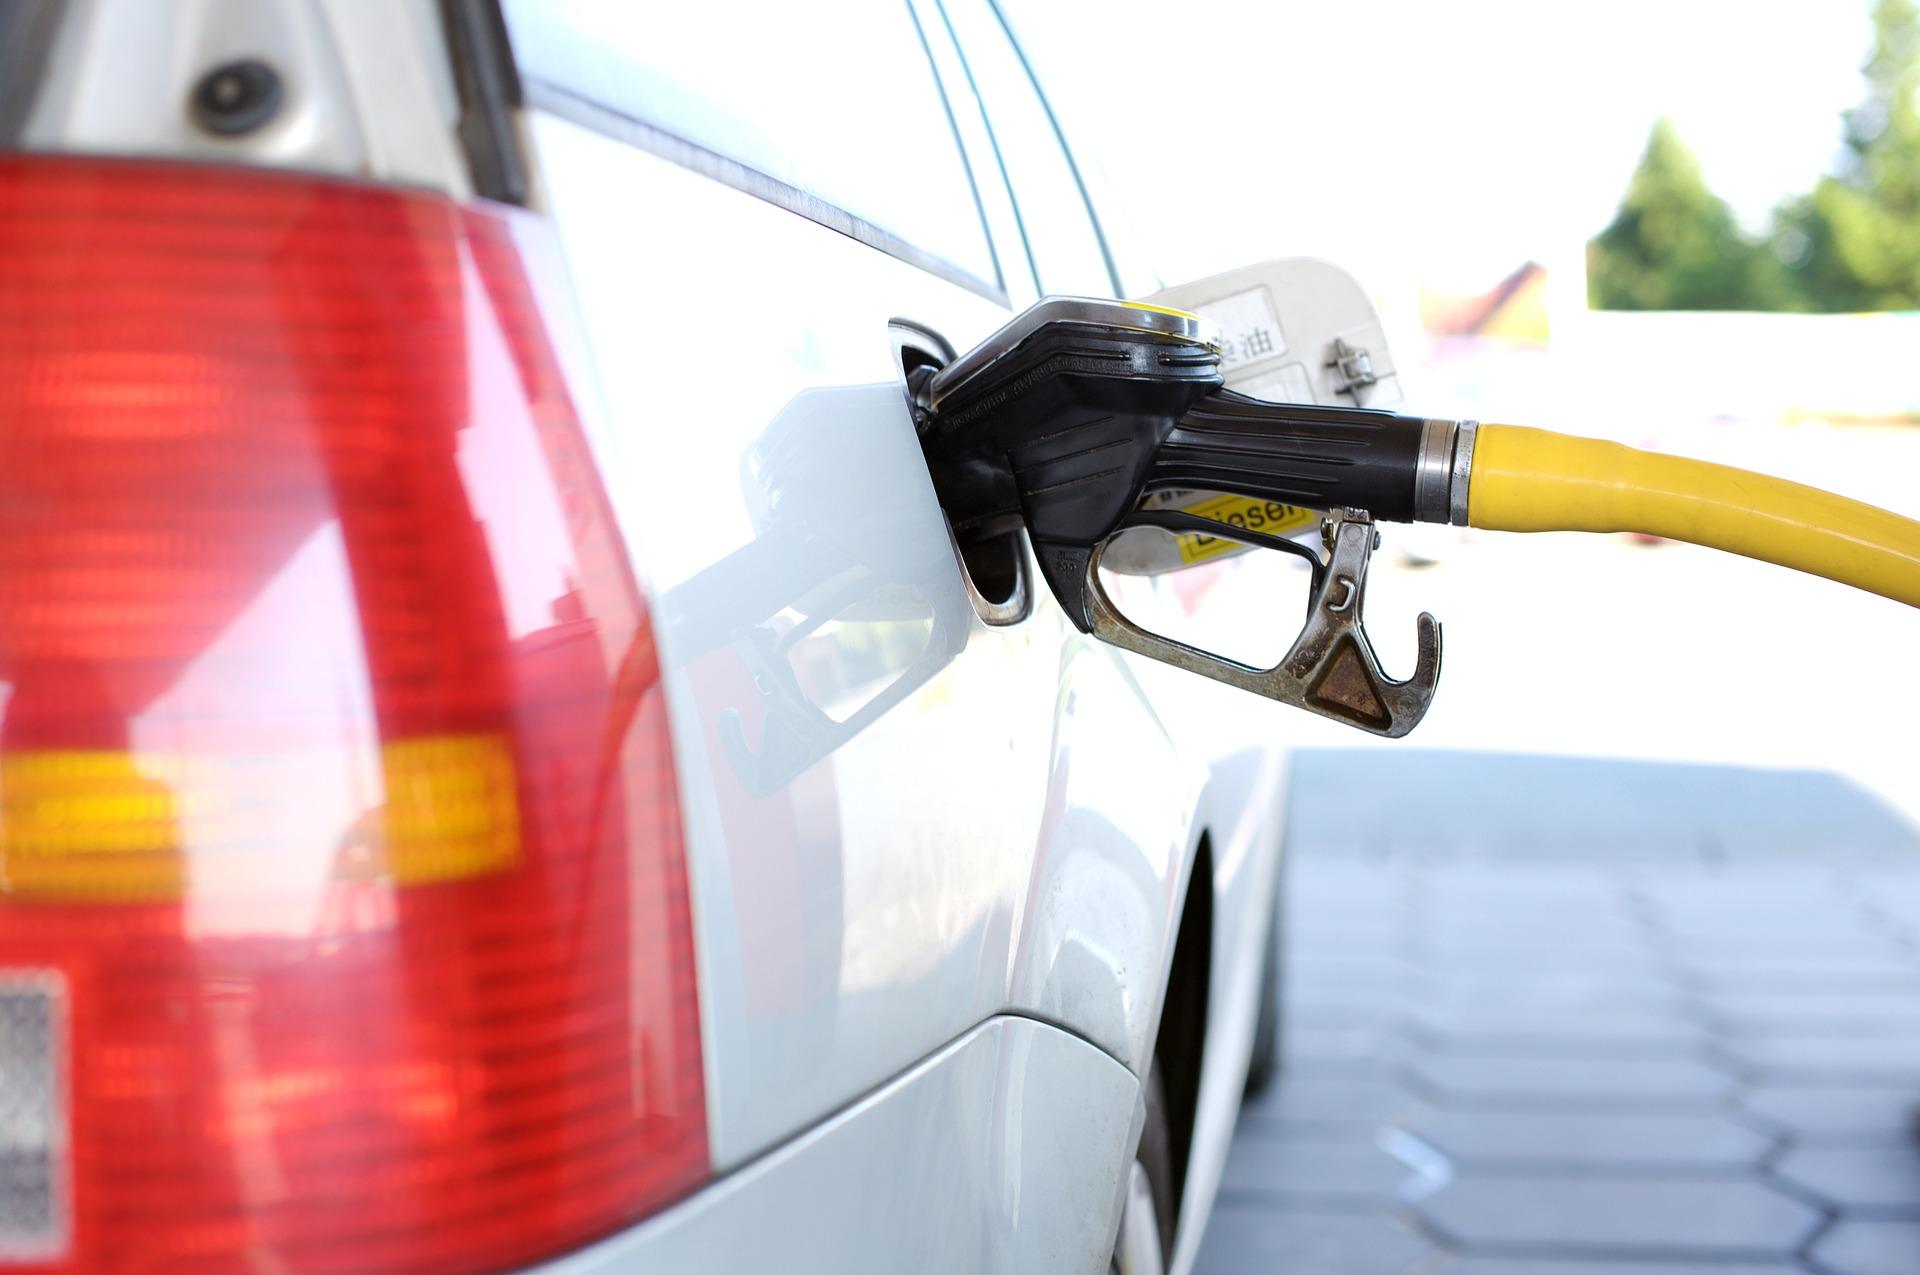 Чи можна доливати в бак по пару літрів бензину?